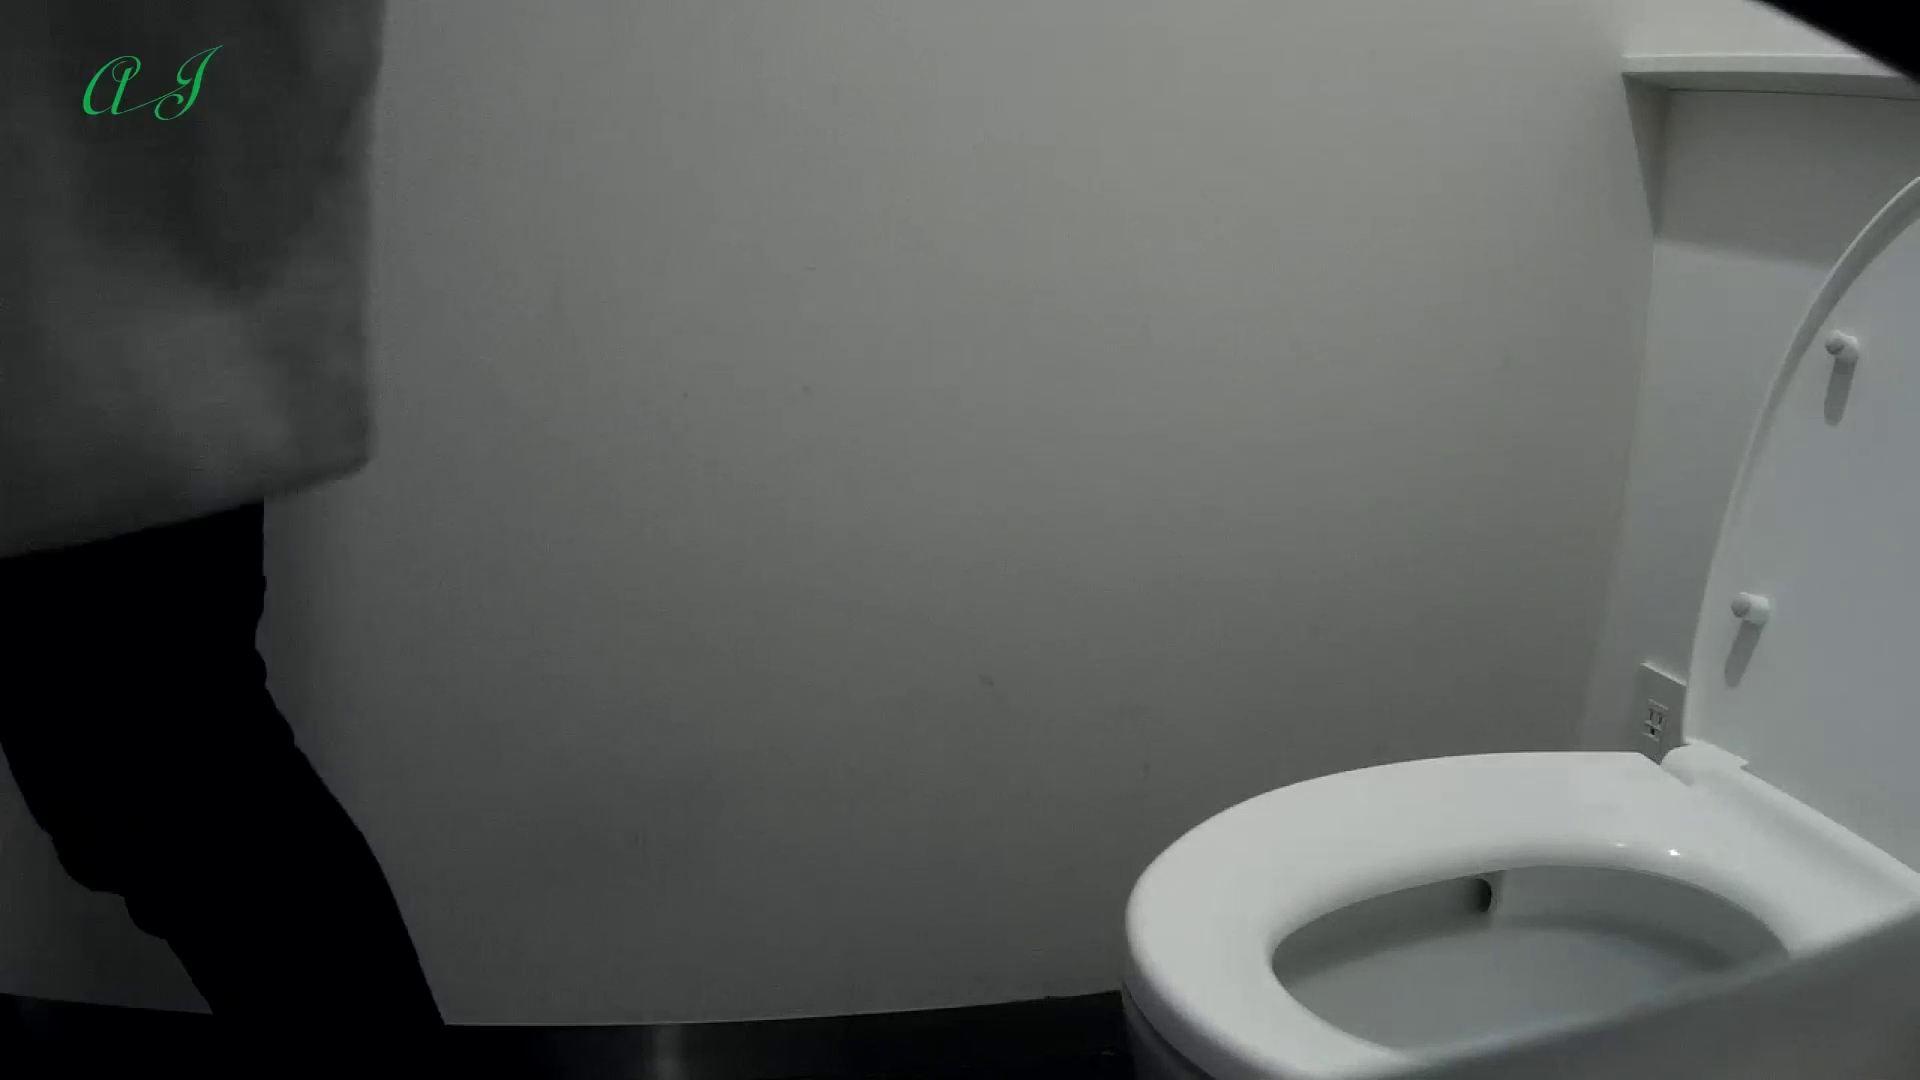 有名大学女性洗面所 vol.61 お久しぶりです。美しい物を美しく撮れました 投稿 セックス画像 59画像 34